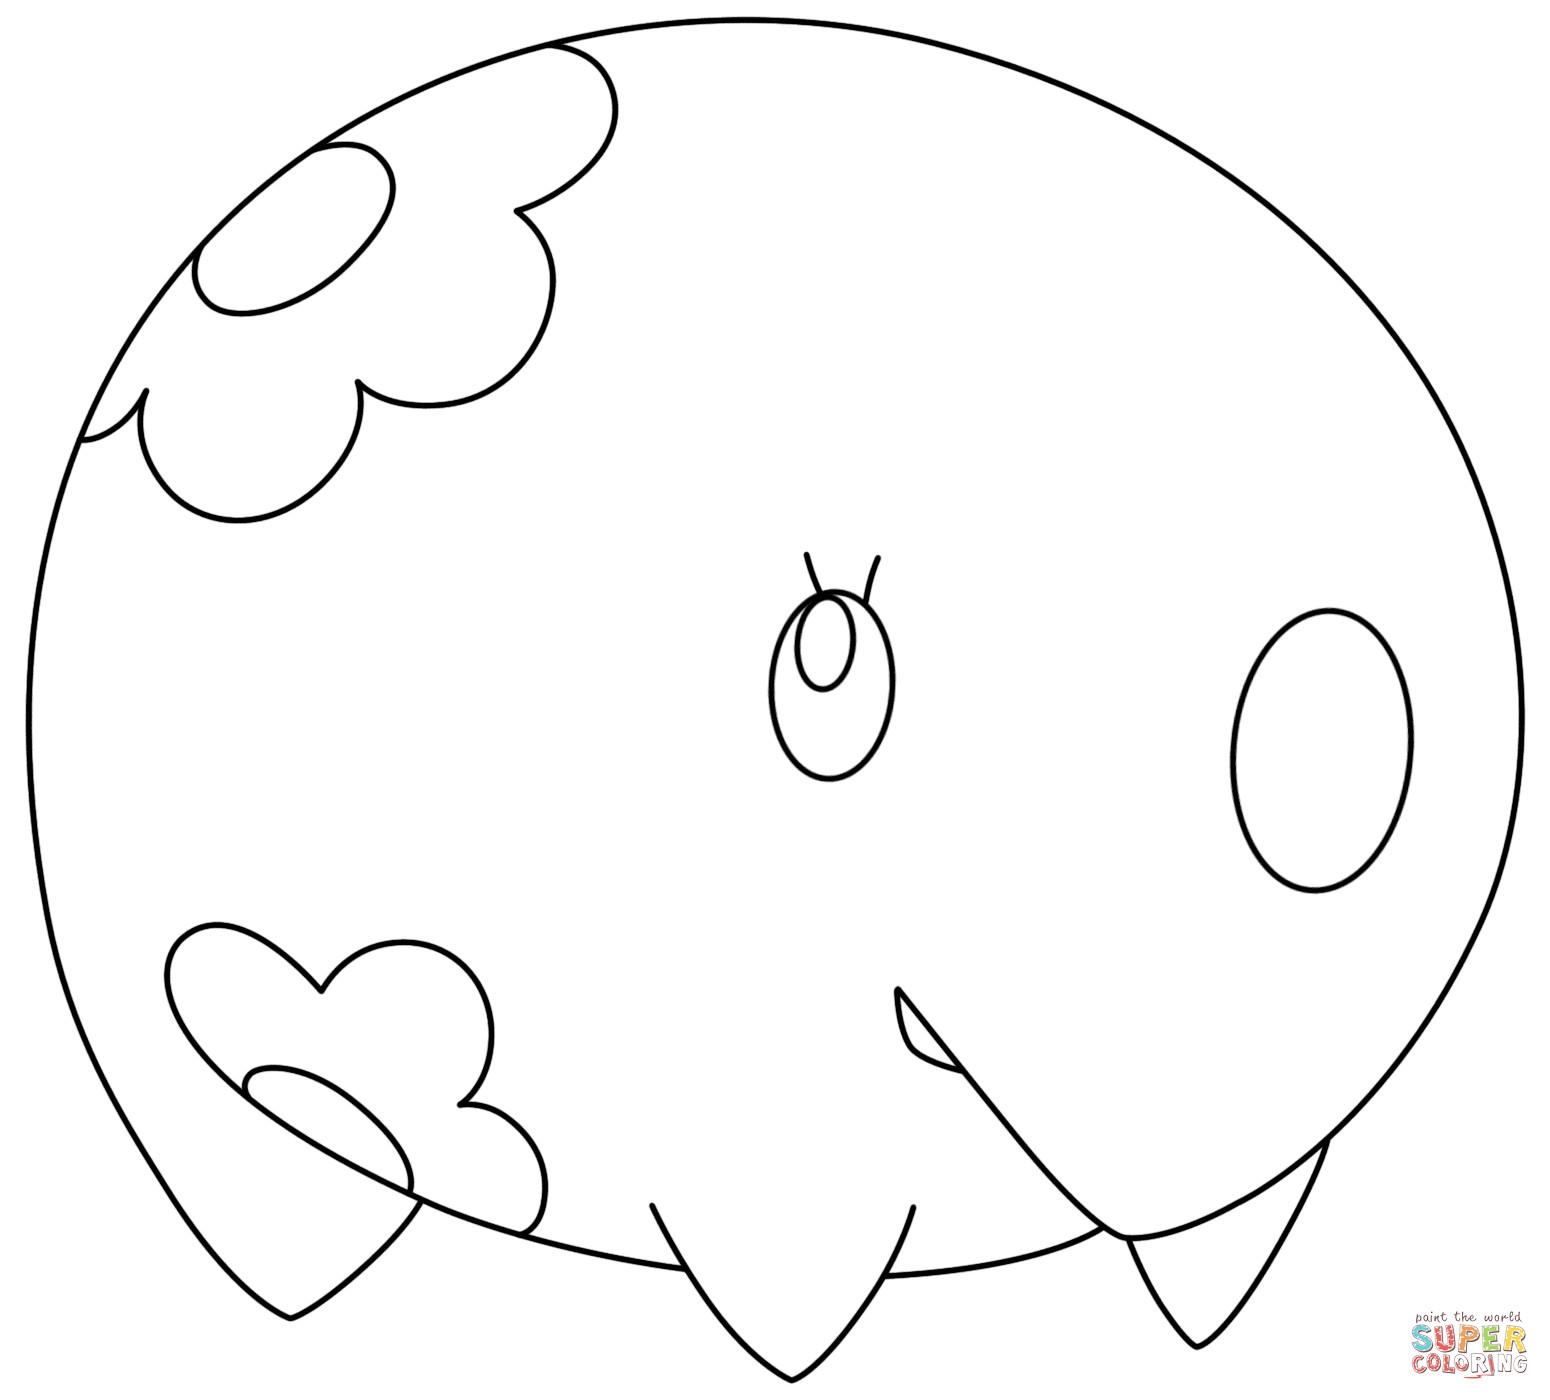 Ausmalbilder Pokemon Gx Frisch Page 291 Goodseller Stock